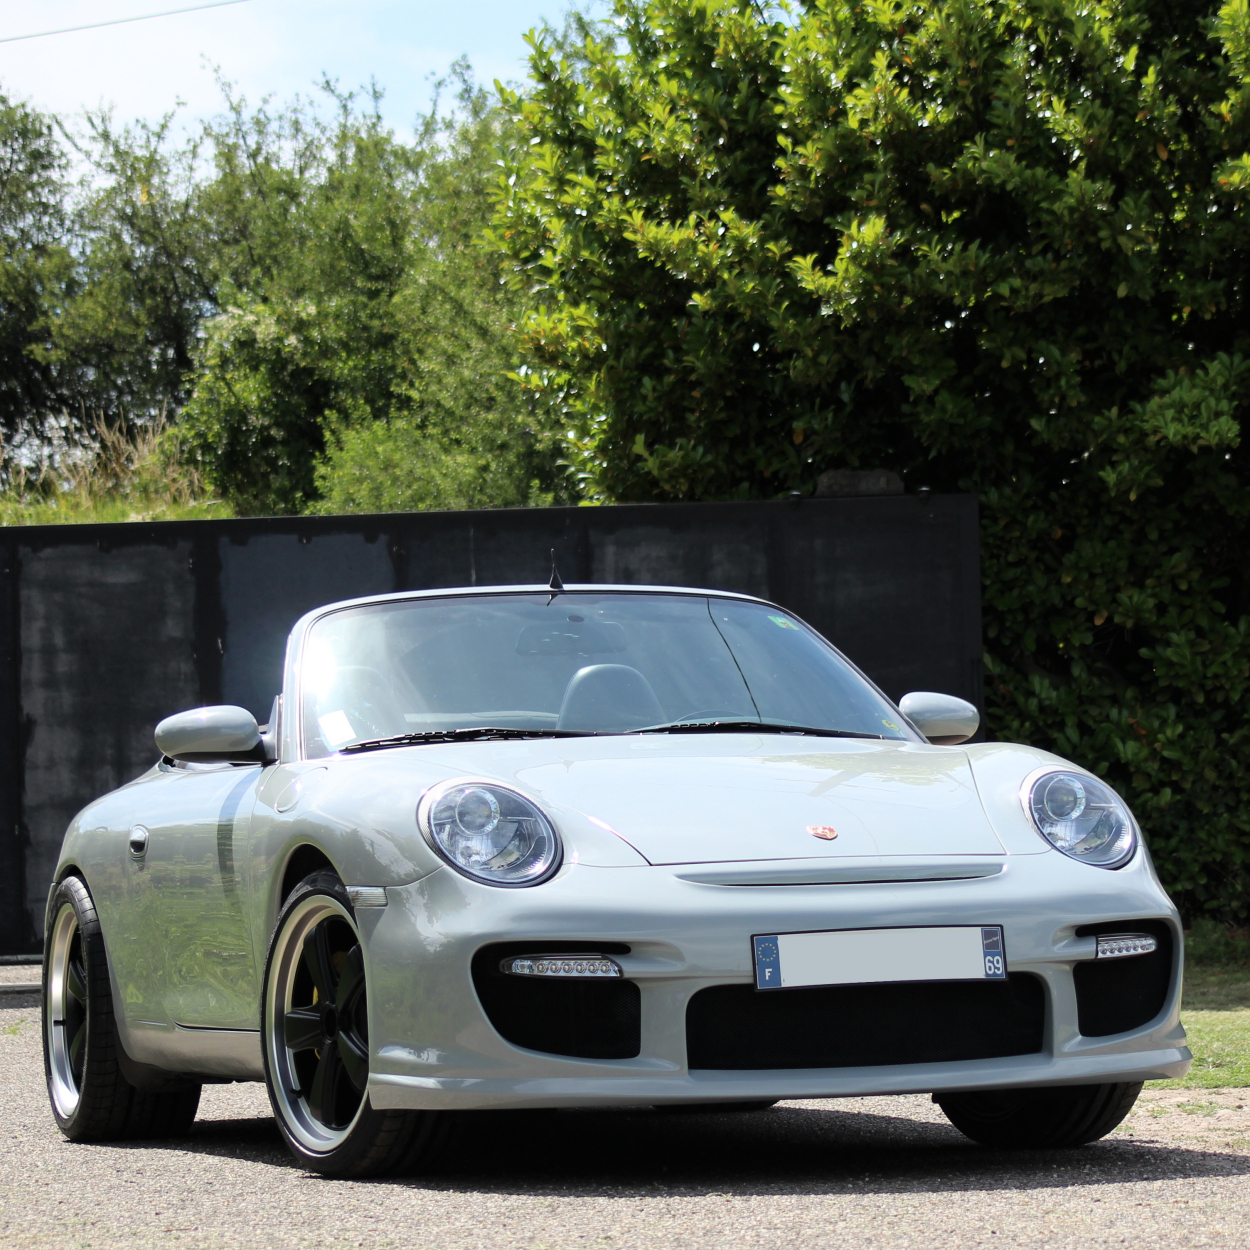 IENAFacelift pour Porsche 996 par Jacquemond